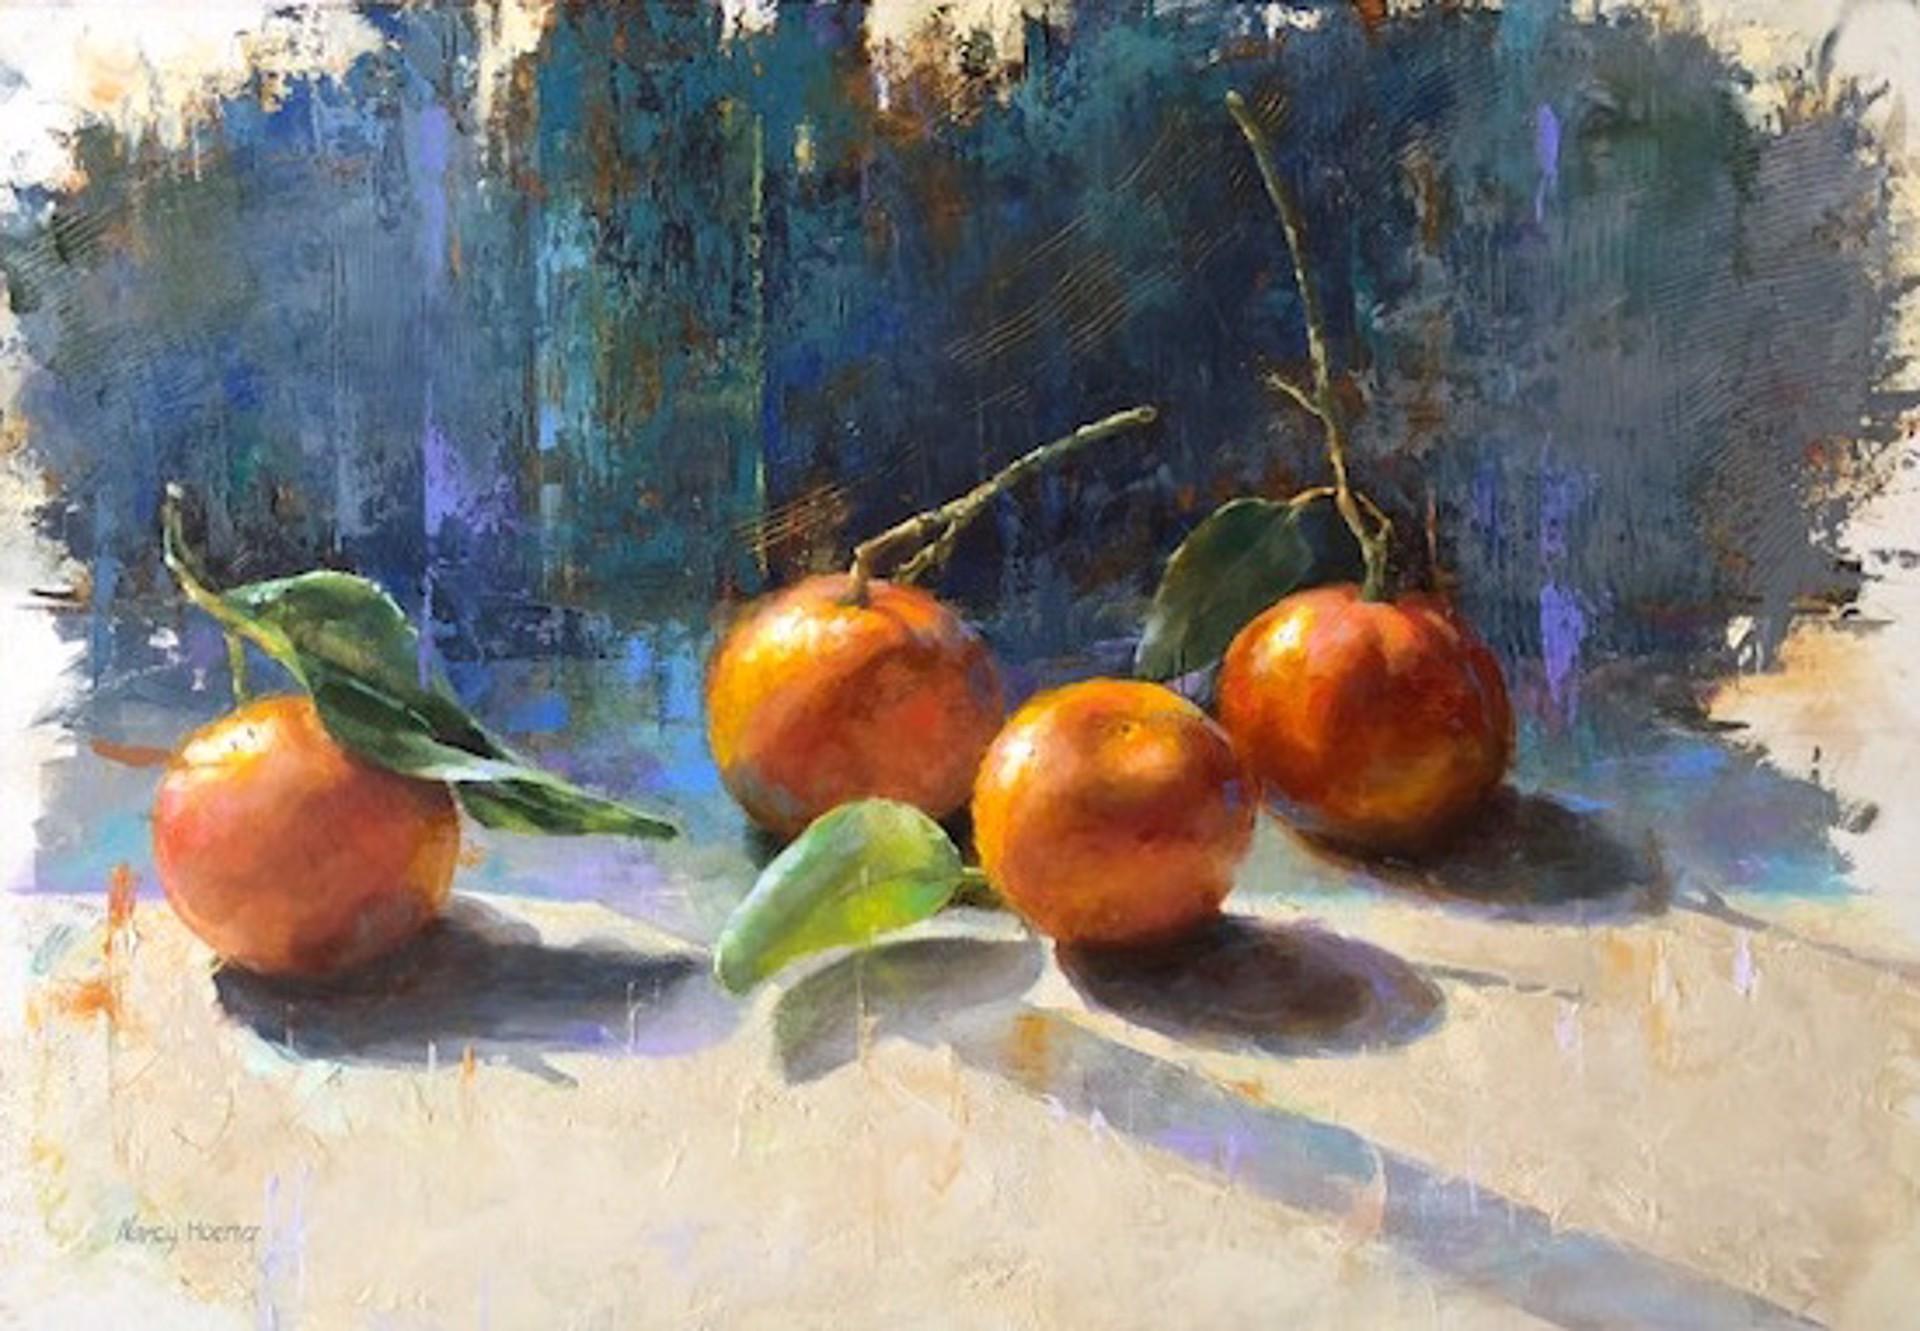 Sun-Kissed by Nancy Hoerter